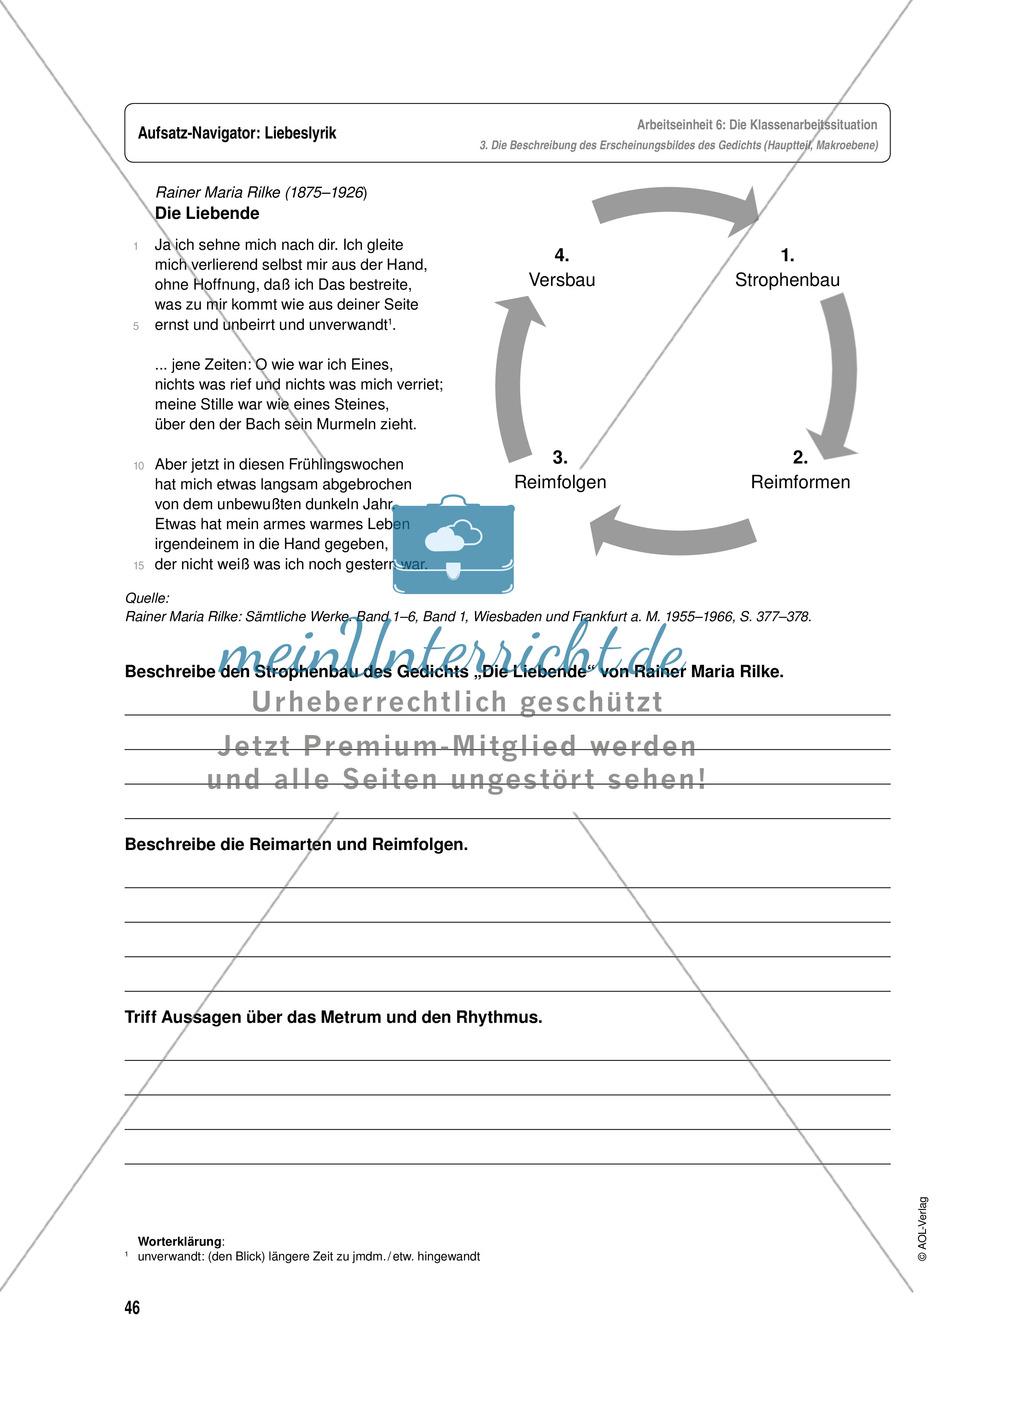 Arbeitseinheit zur Gestaltung einer Analyse / Interpretation von Liebeslyrik - Vorbereitung auf die Klassenarbeitssituation Preview 5